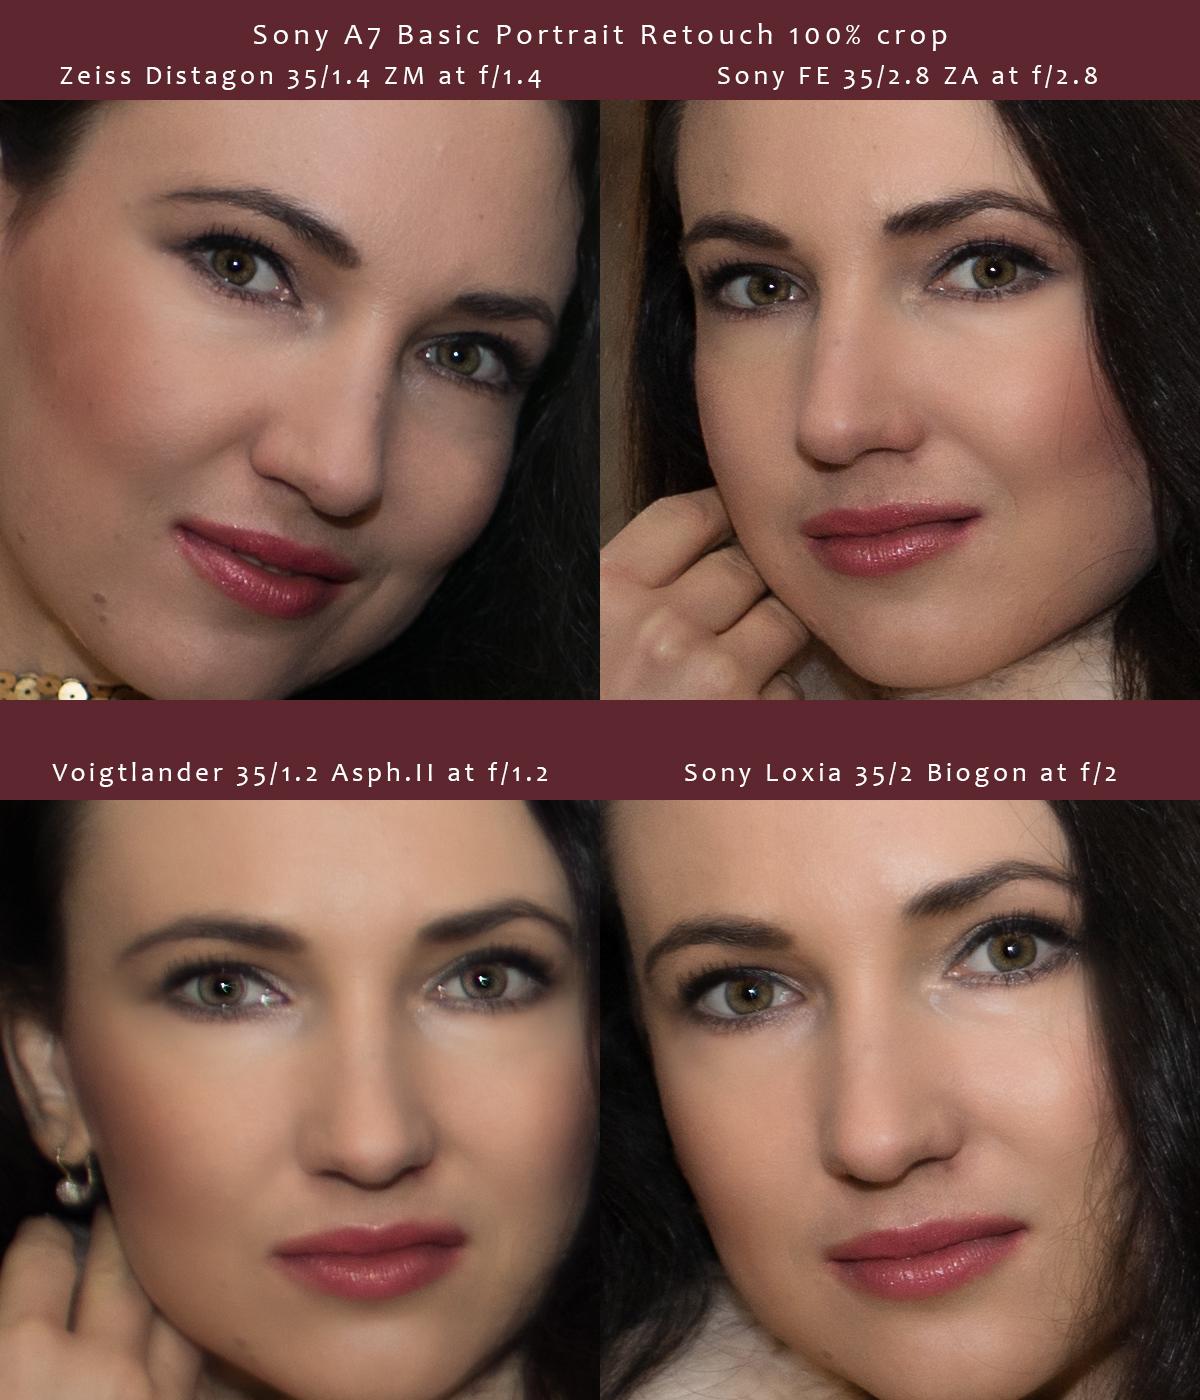 Crop_Comparison_4_Faces